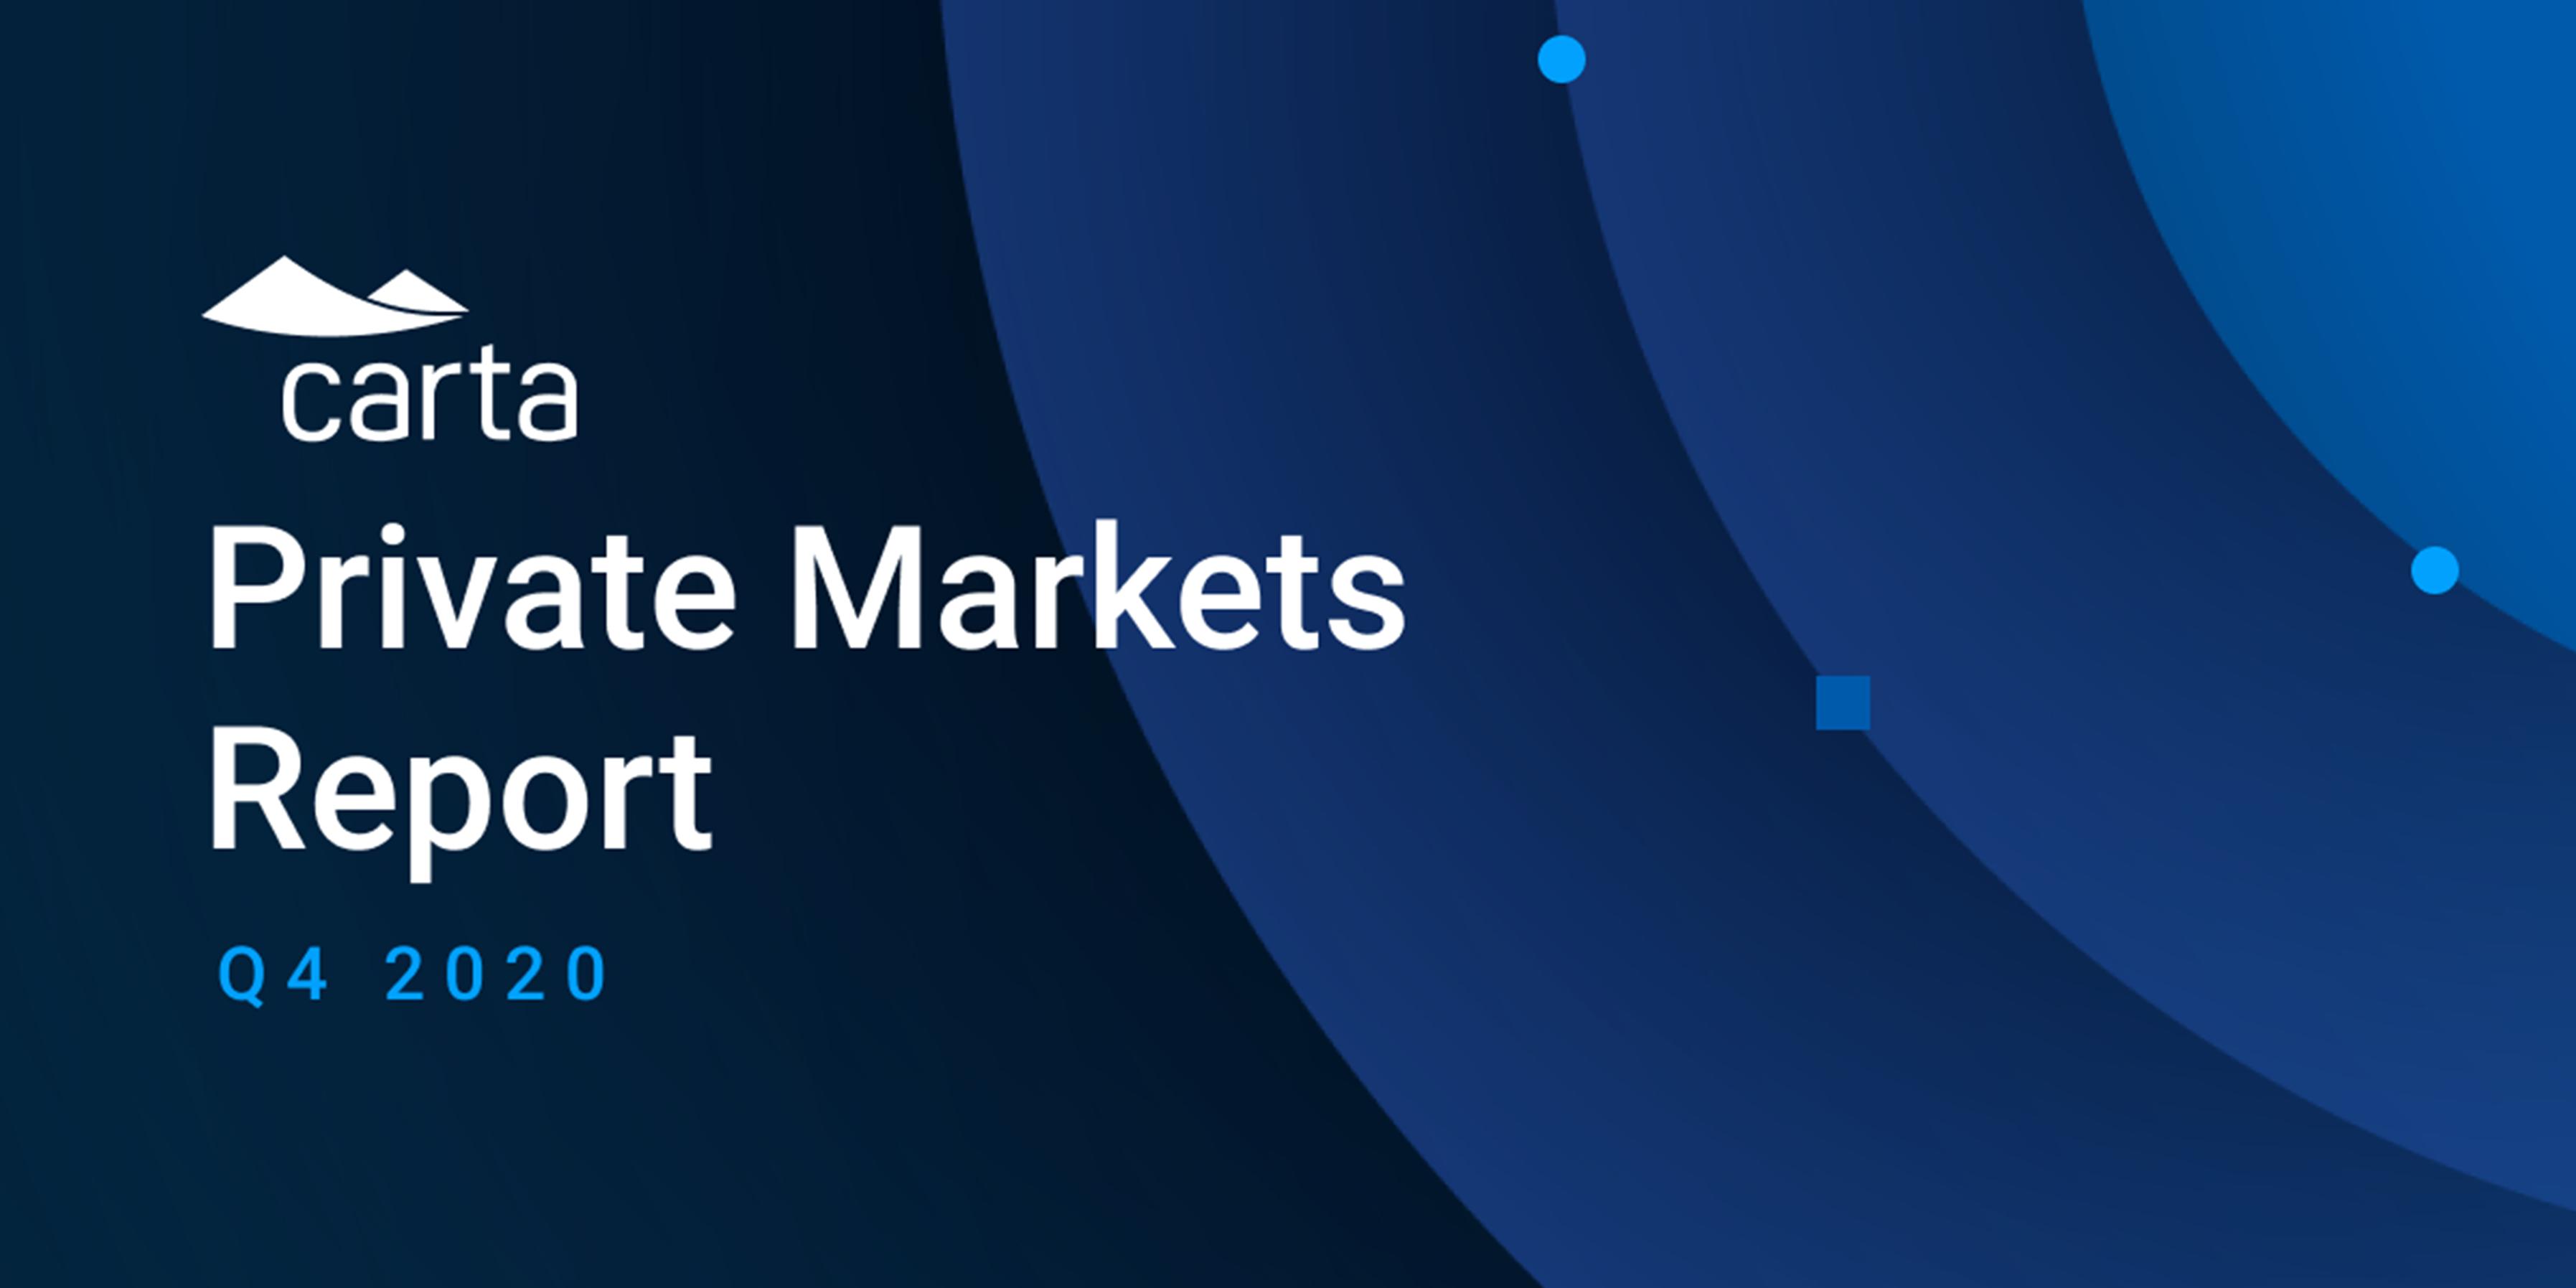 Carta's Private Markets Report - Q4 2020 1